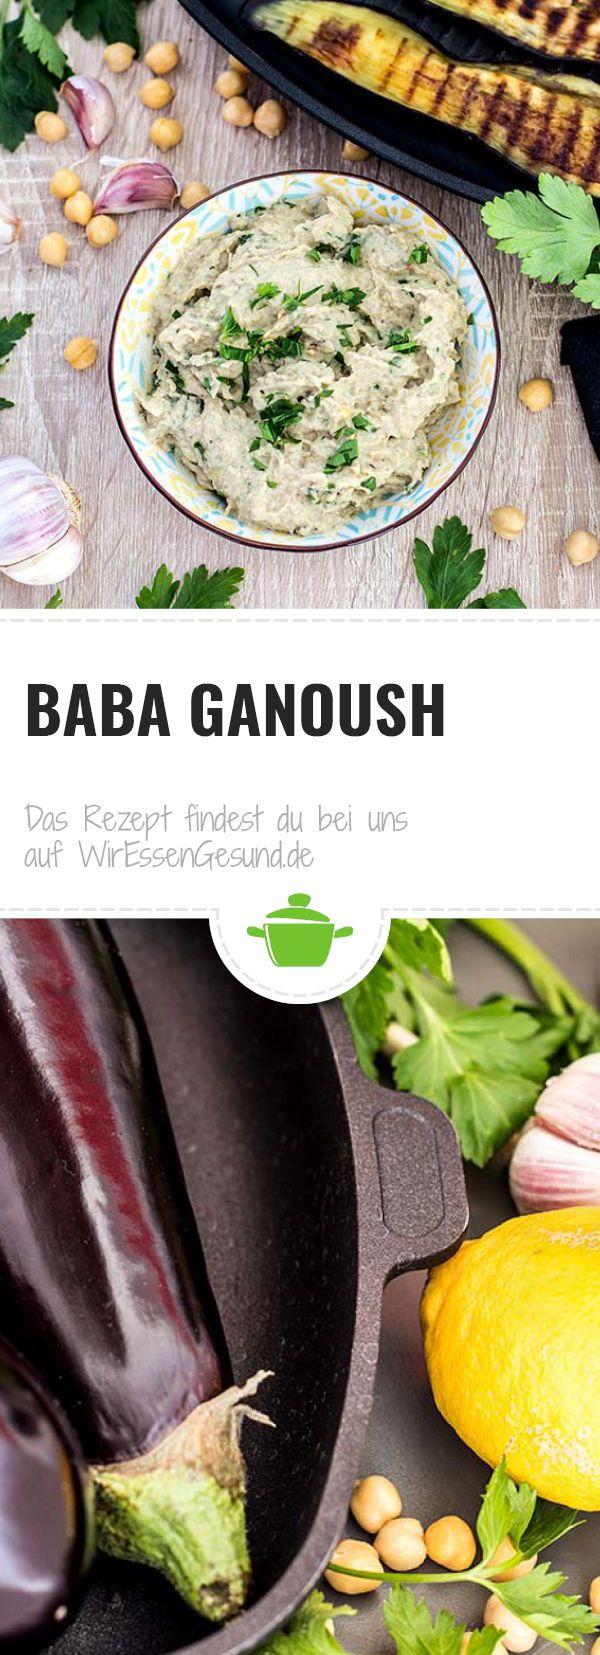 Baba Ganoush - WirEssenGesund